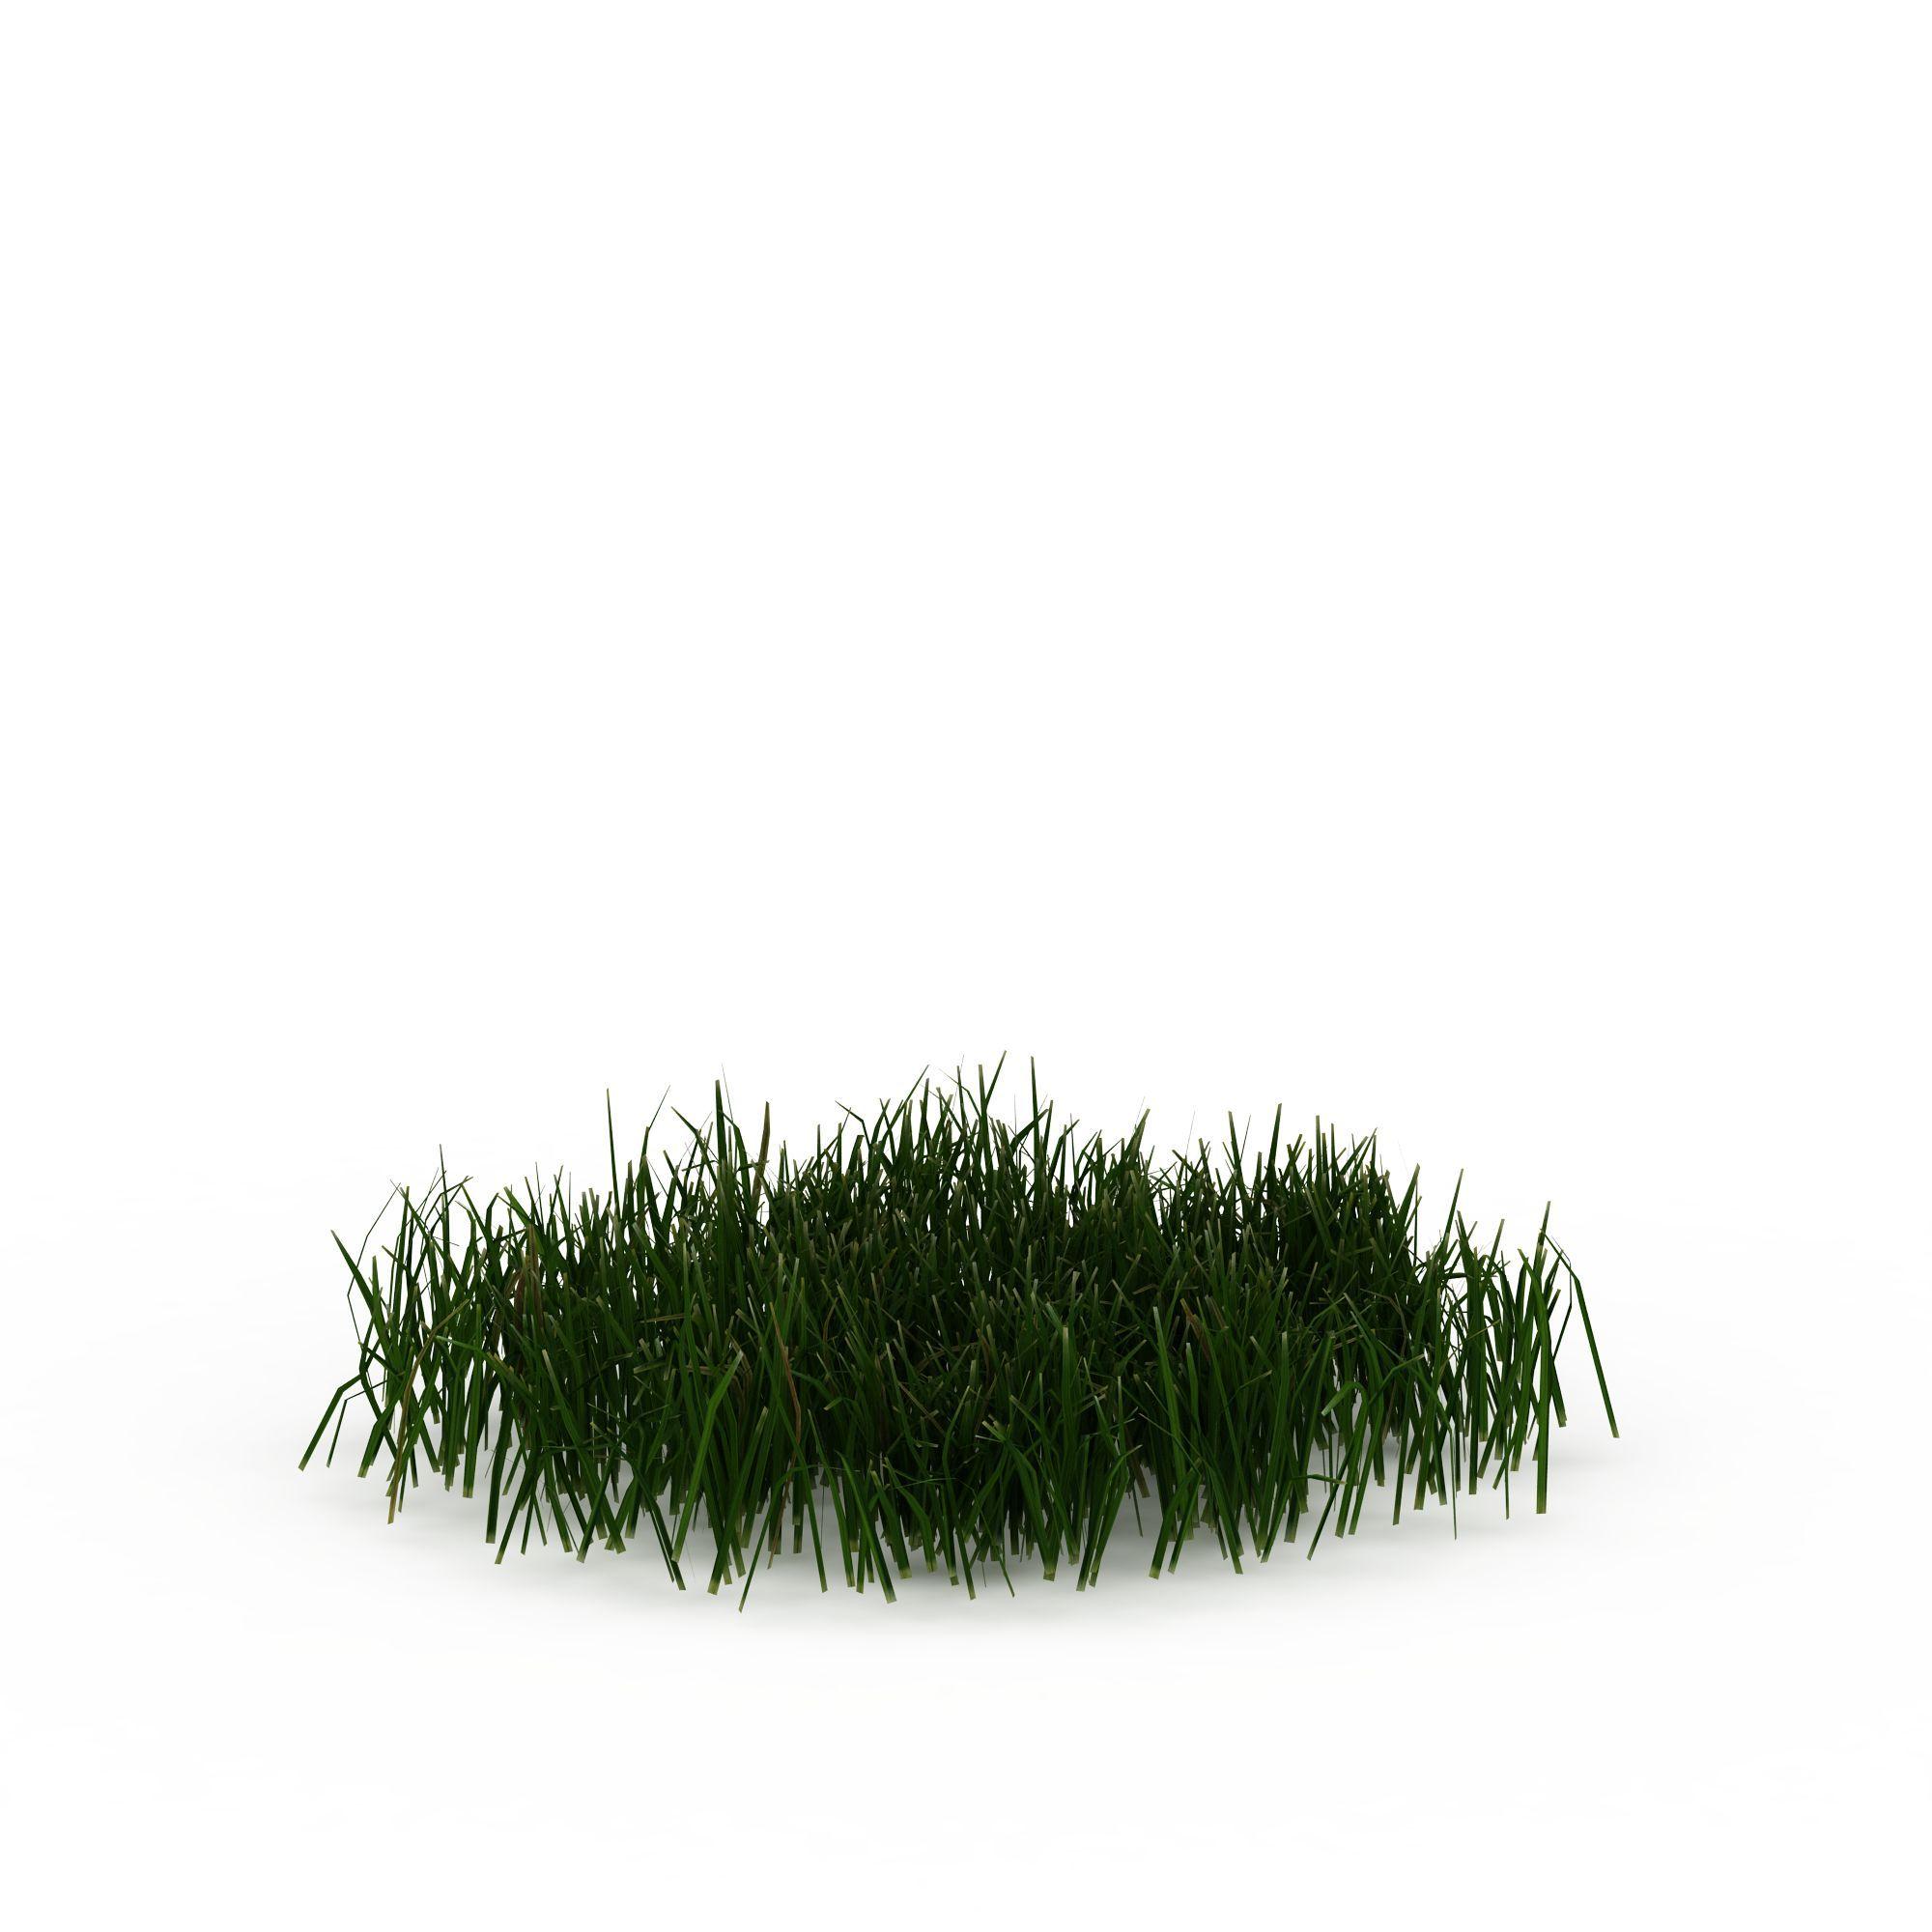 绿色草丛图片_绿色草丛png图片素材_绿色草丛png高清